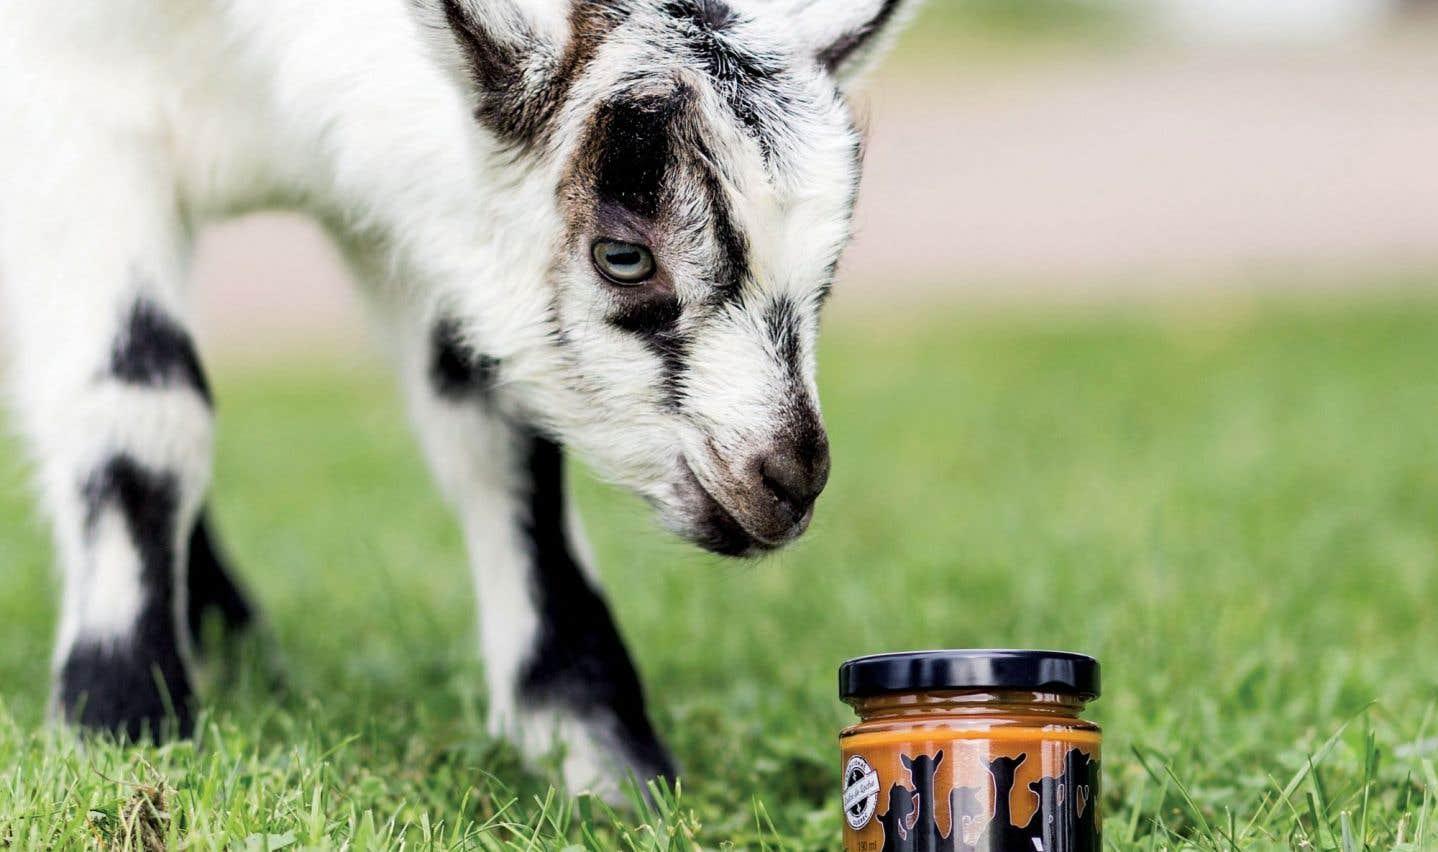 La texture et, surtout, le goût en finale du caramel au lait de chèvre Les douceurs caprines diffèrent beaucoup des recettes classiques de confiture de lait.